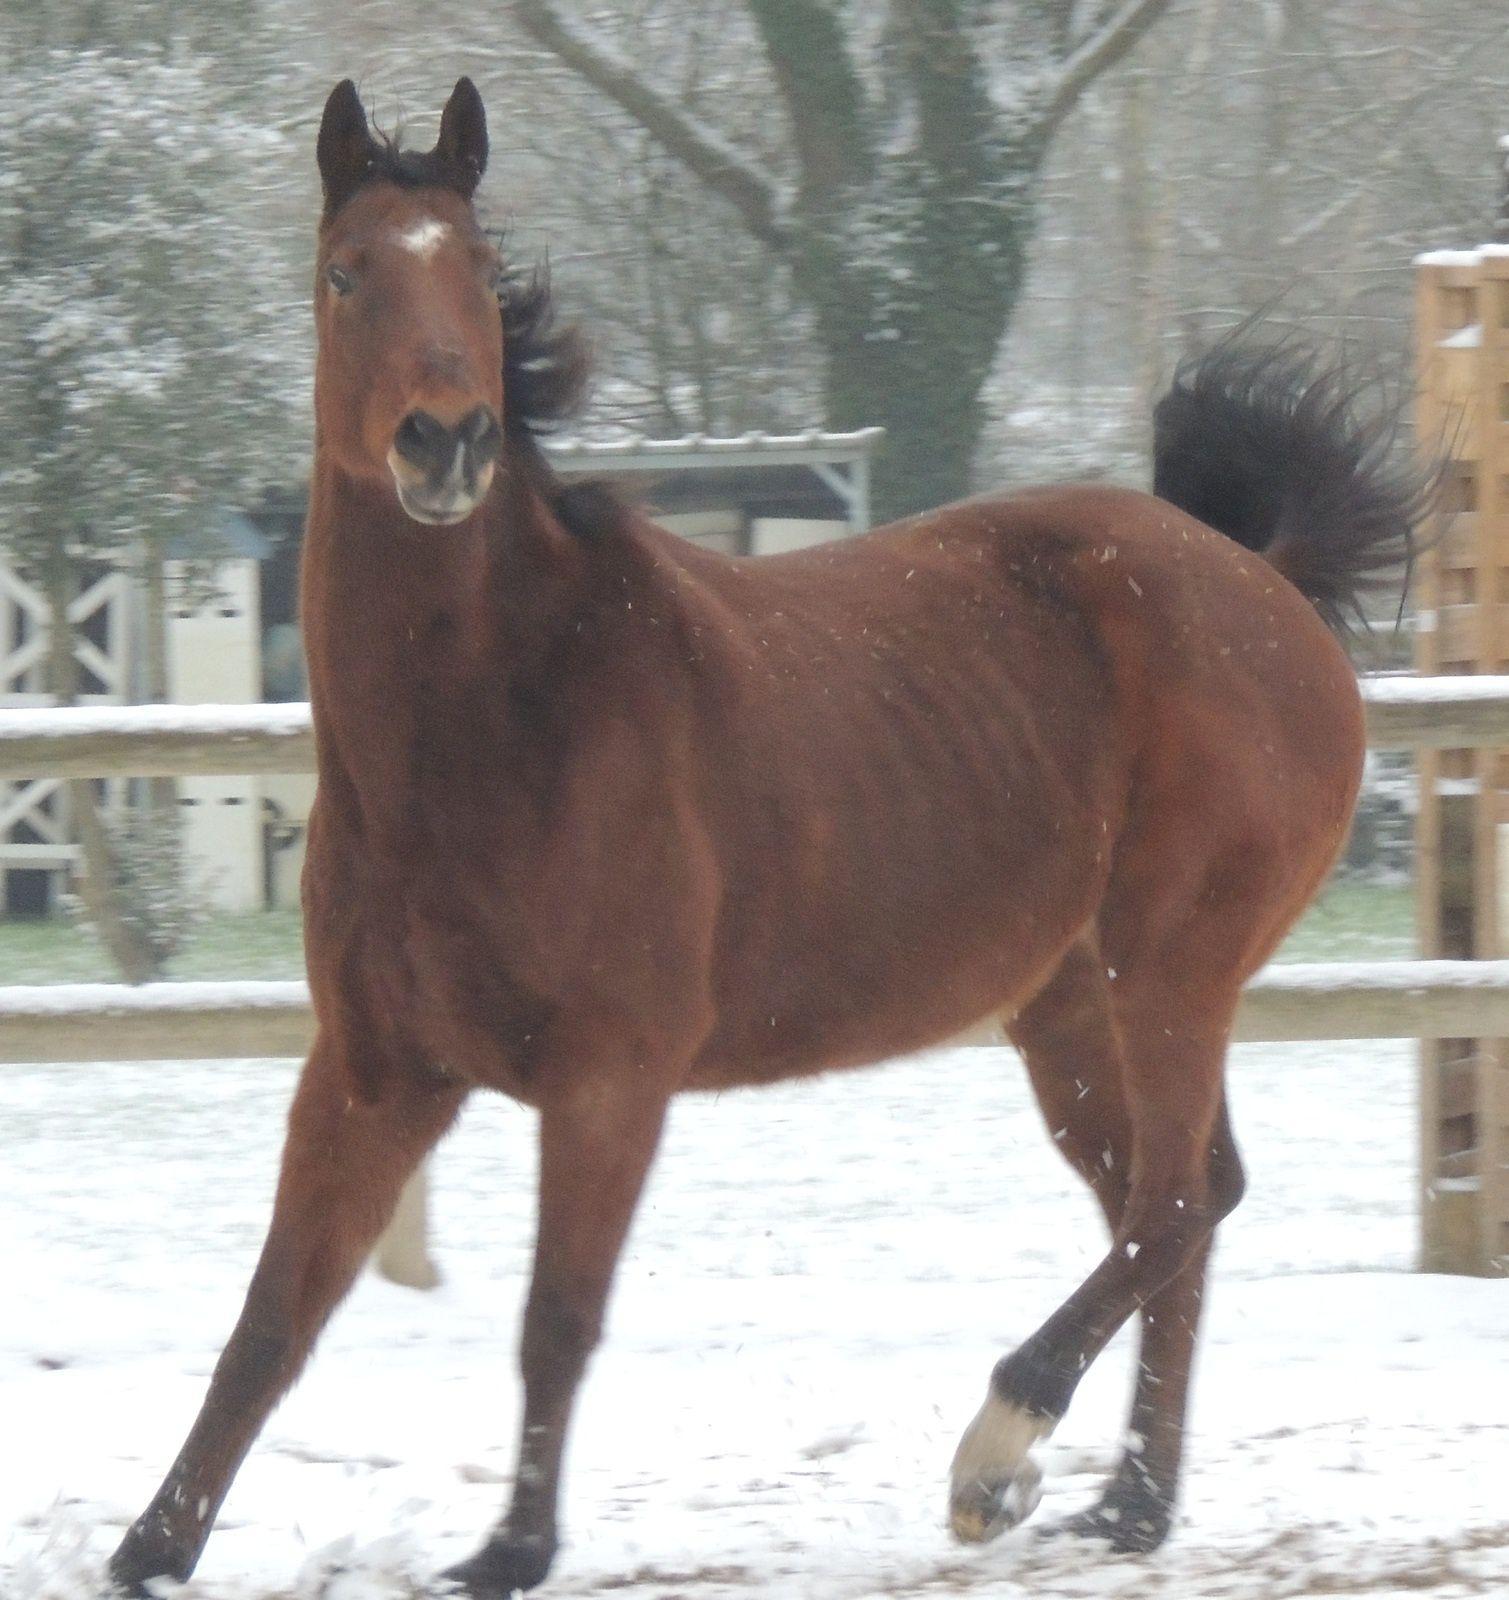 Cheval dans la neige. Catherine Kaeffer. Techniques d'élevage, Nantes. Image soumise à droits d'auteur